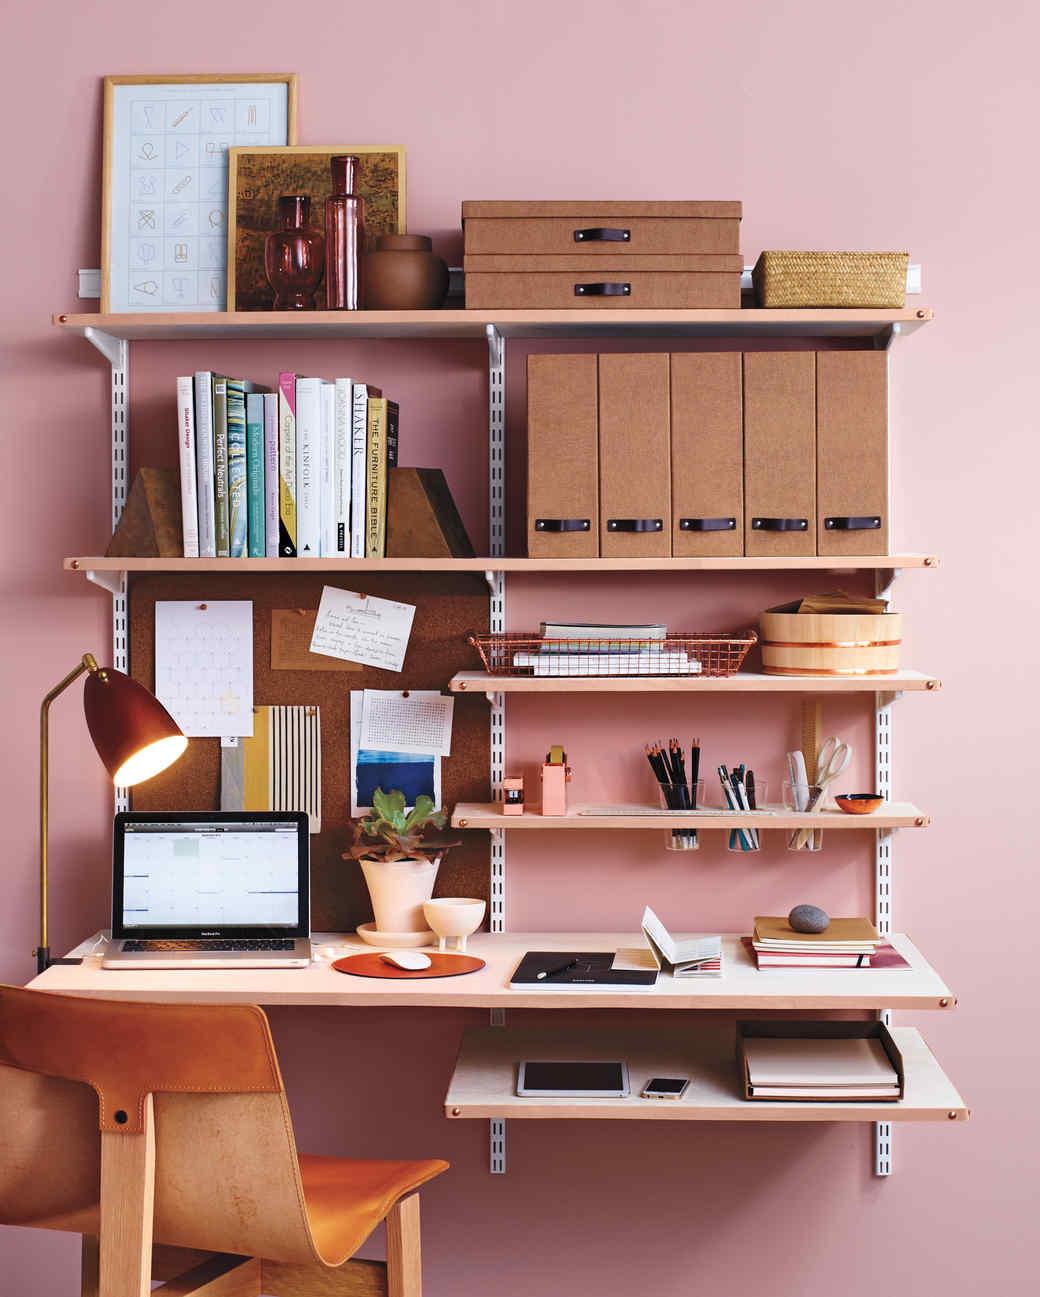 shelving-desk-523-d112185.jpg